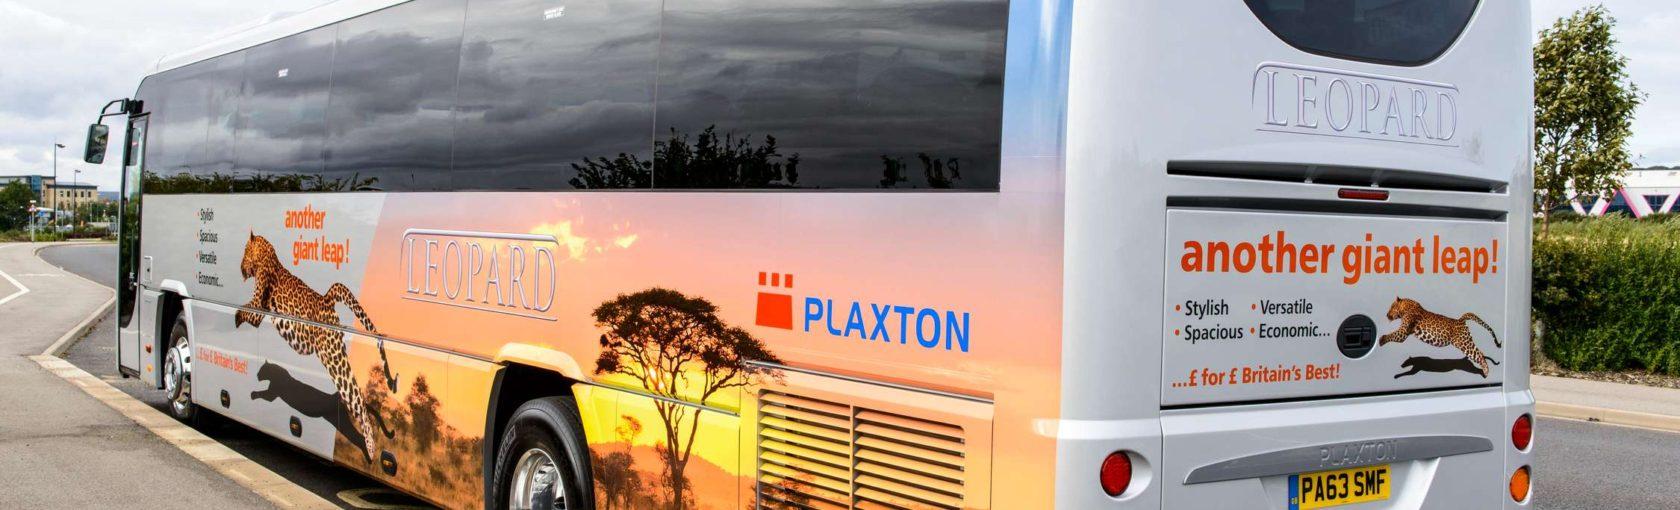 All-new-Plaxton-Leopard-4